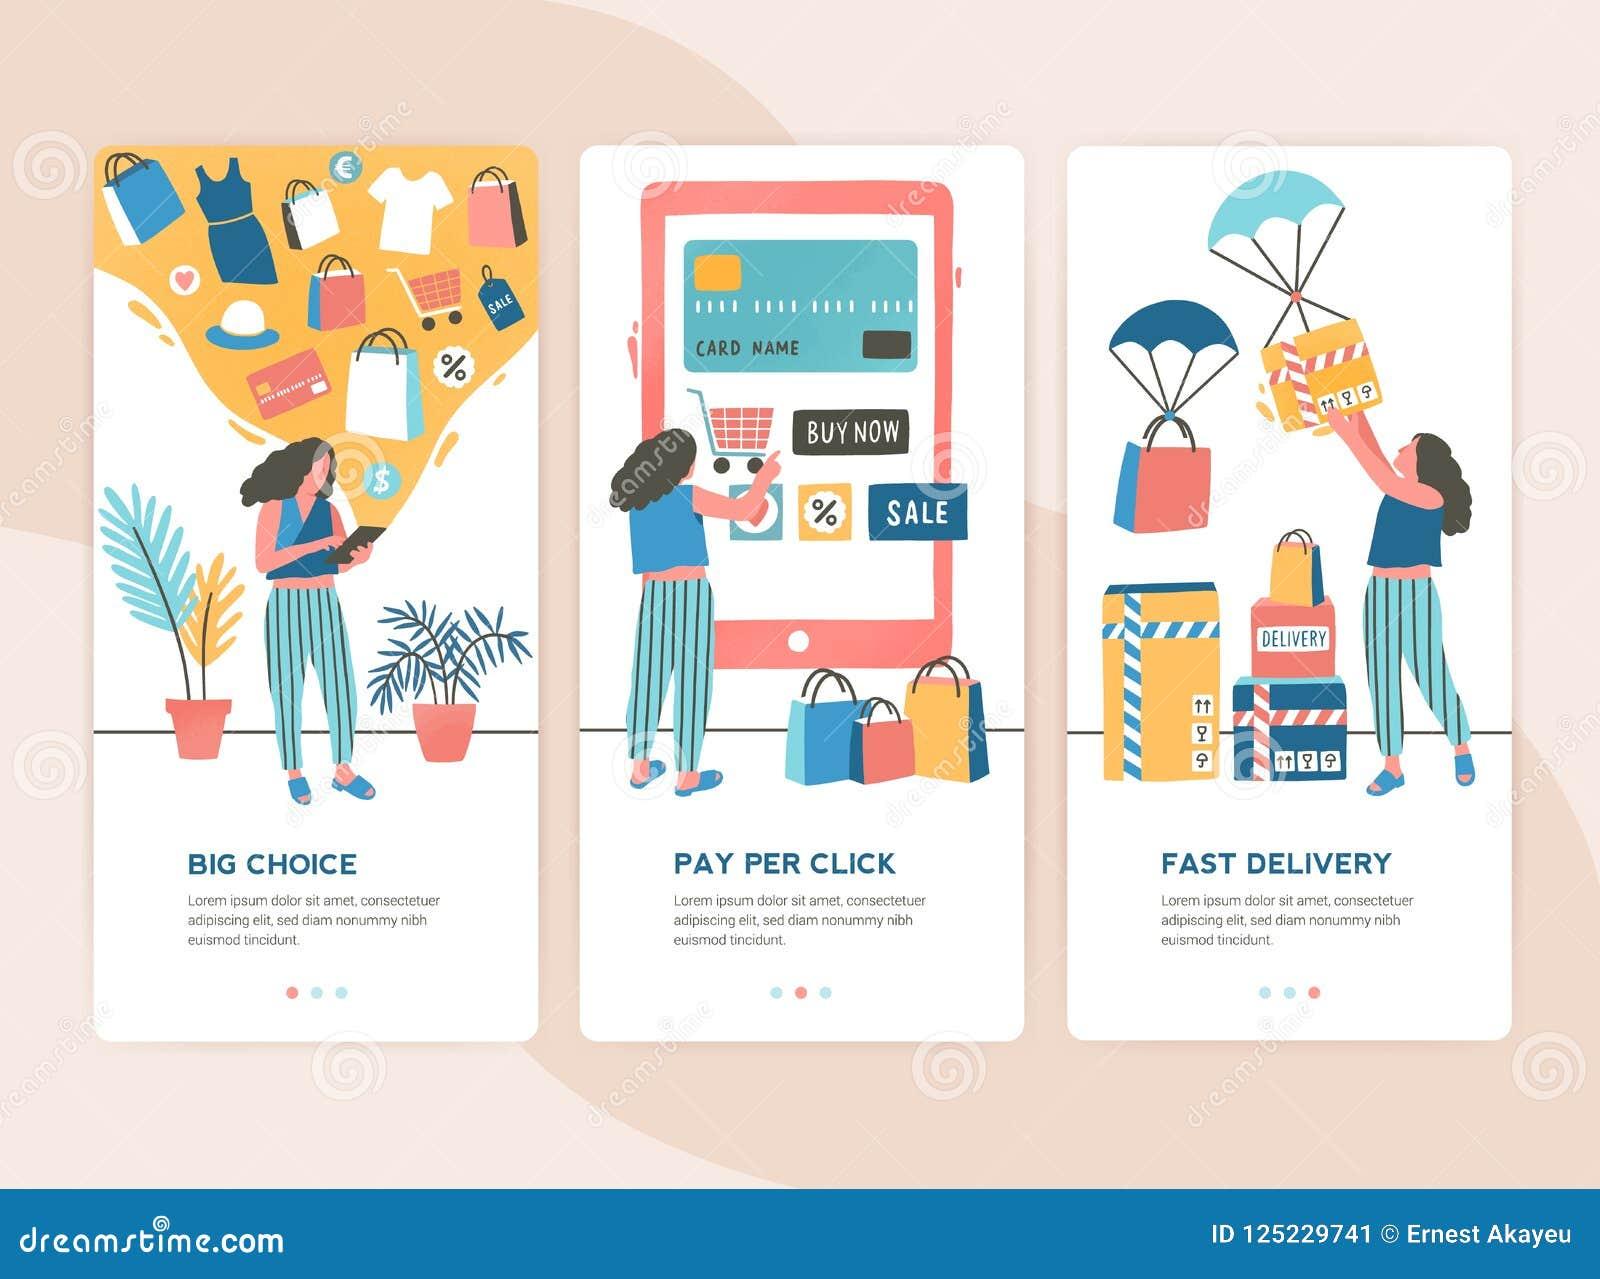 Pacote de moldes verticais da bandeira da Web com fases da compra em linha - escolha, pagamento, entrega Grupo de cenas com